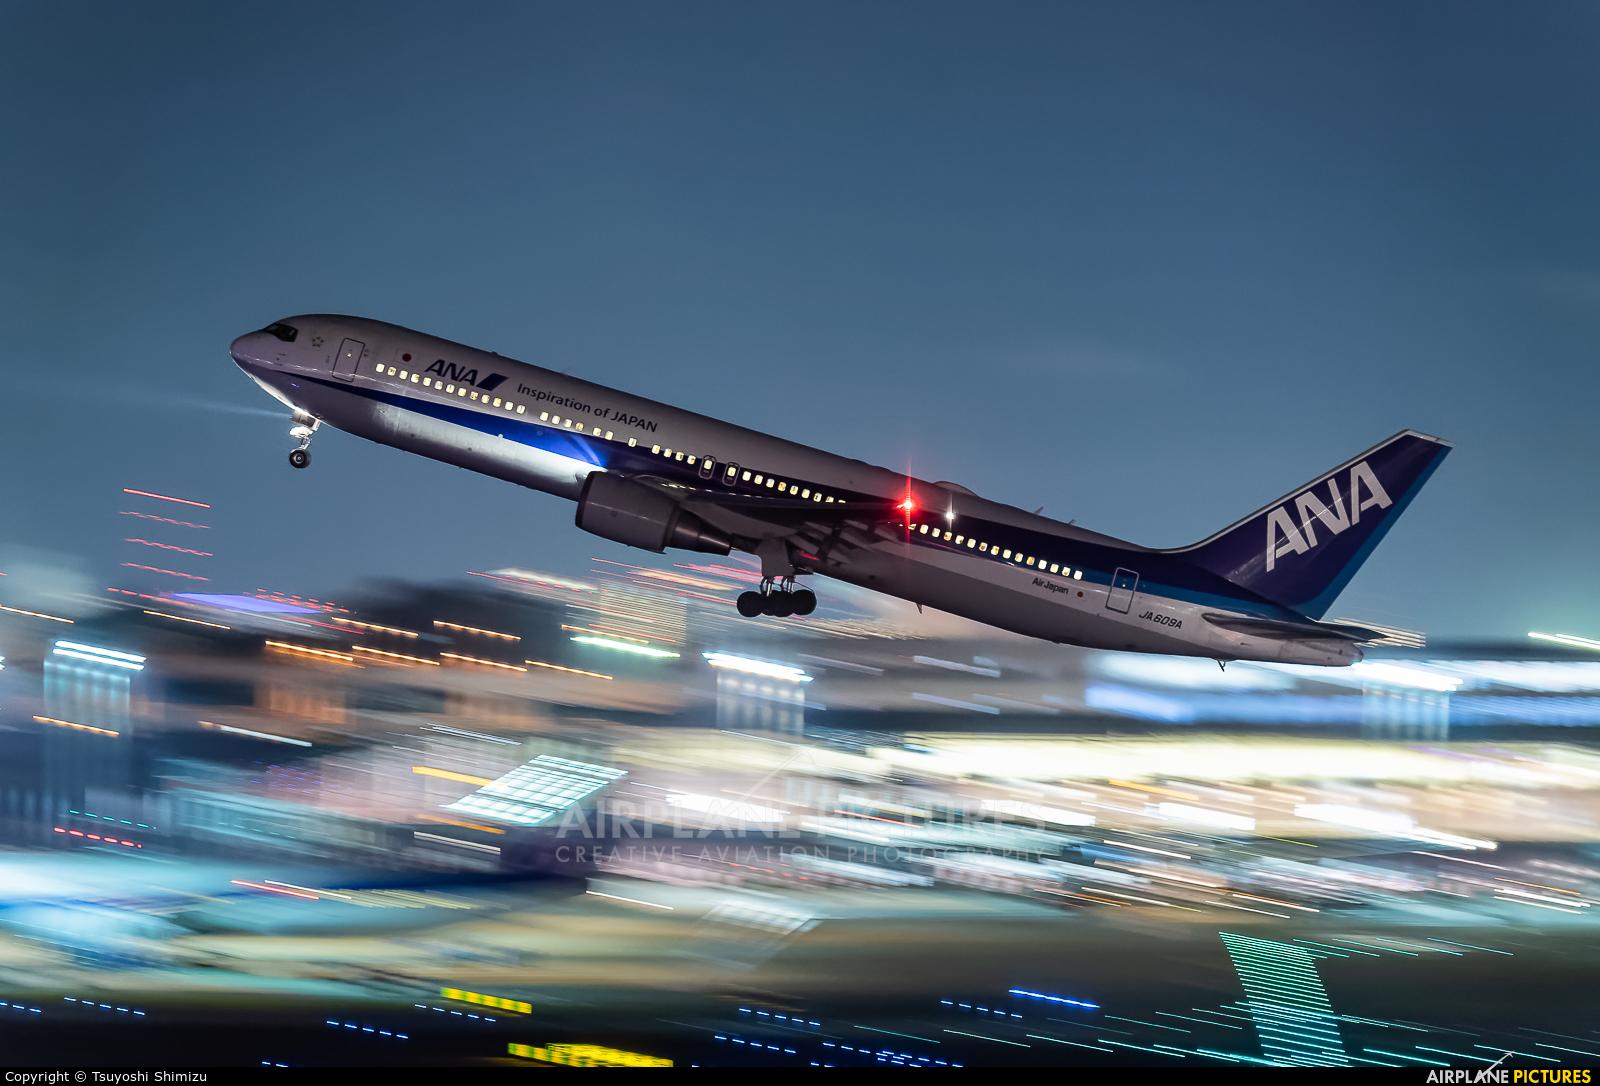 ANA - All Nippon Airways JA609A aircraft at Tokyo - Haneda Intl